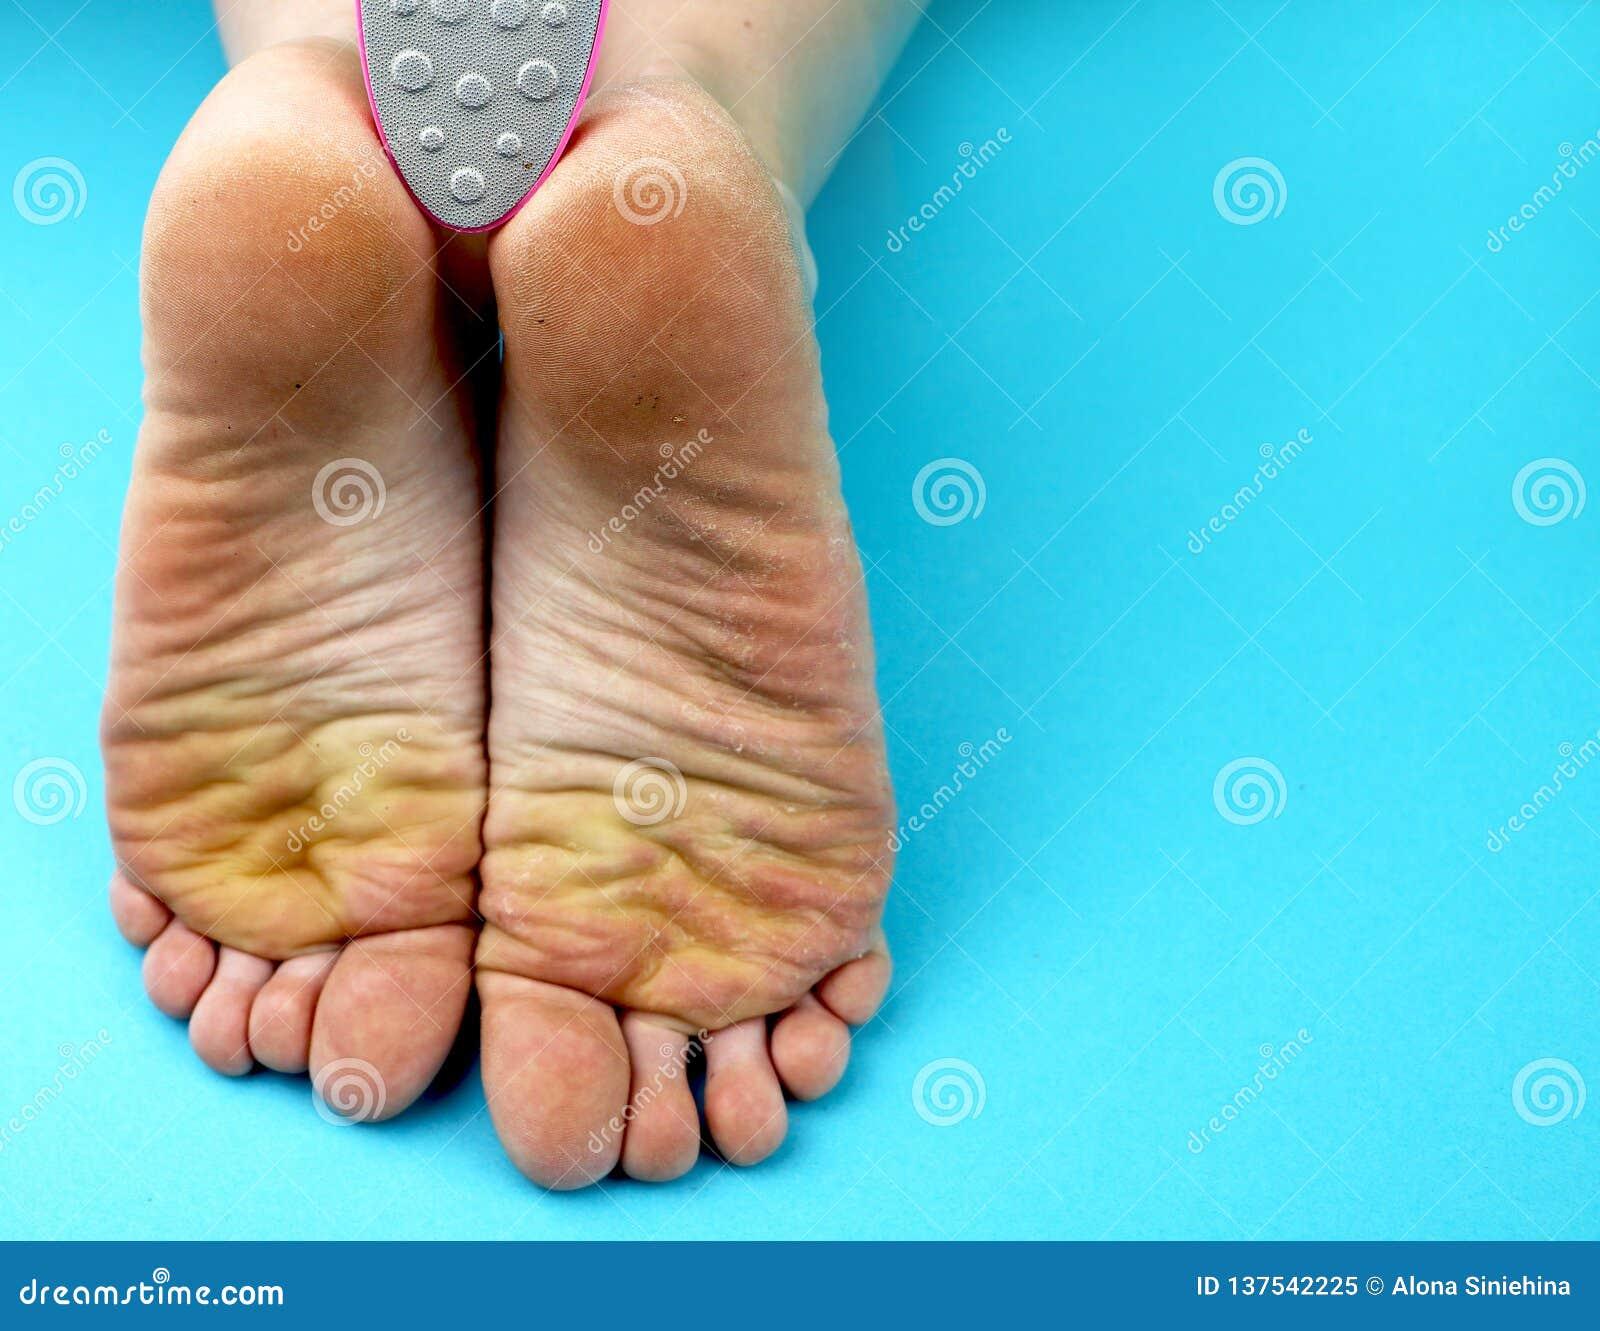 Pieds de pied de nettoyage avec une scie ou une brosse Nettoyage des pieds du champignon